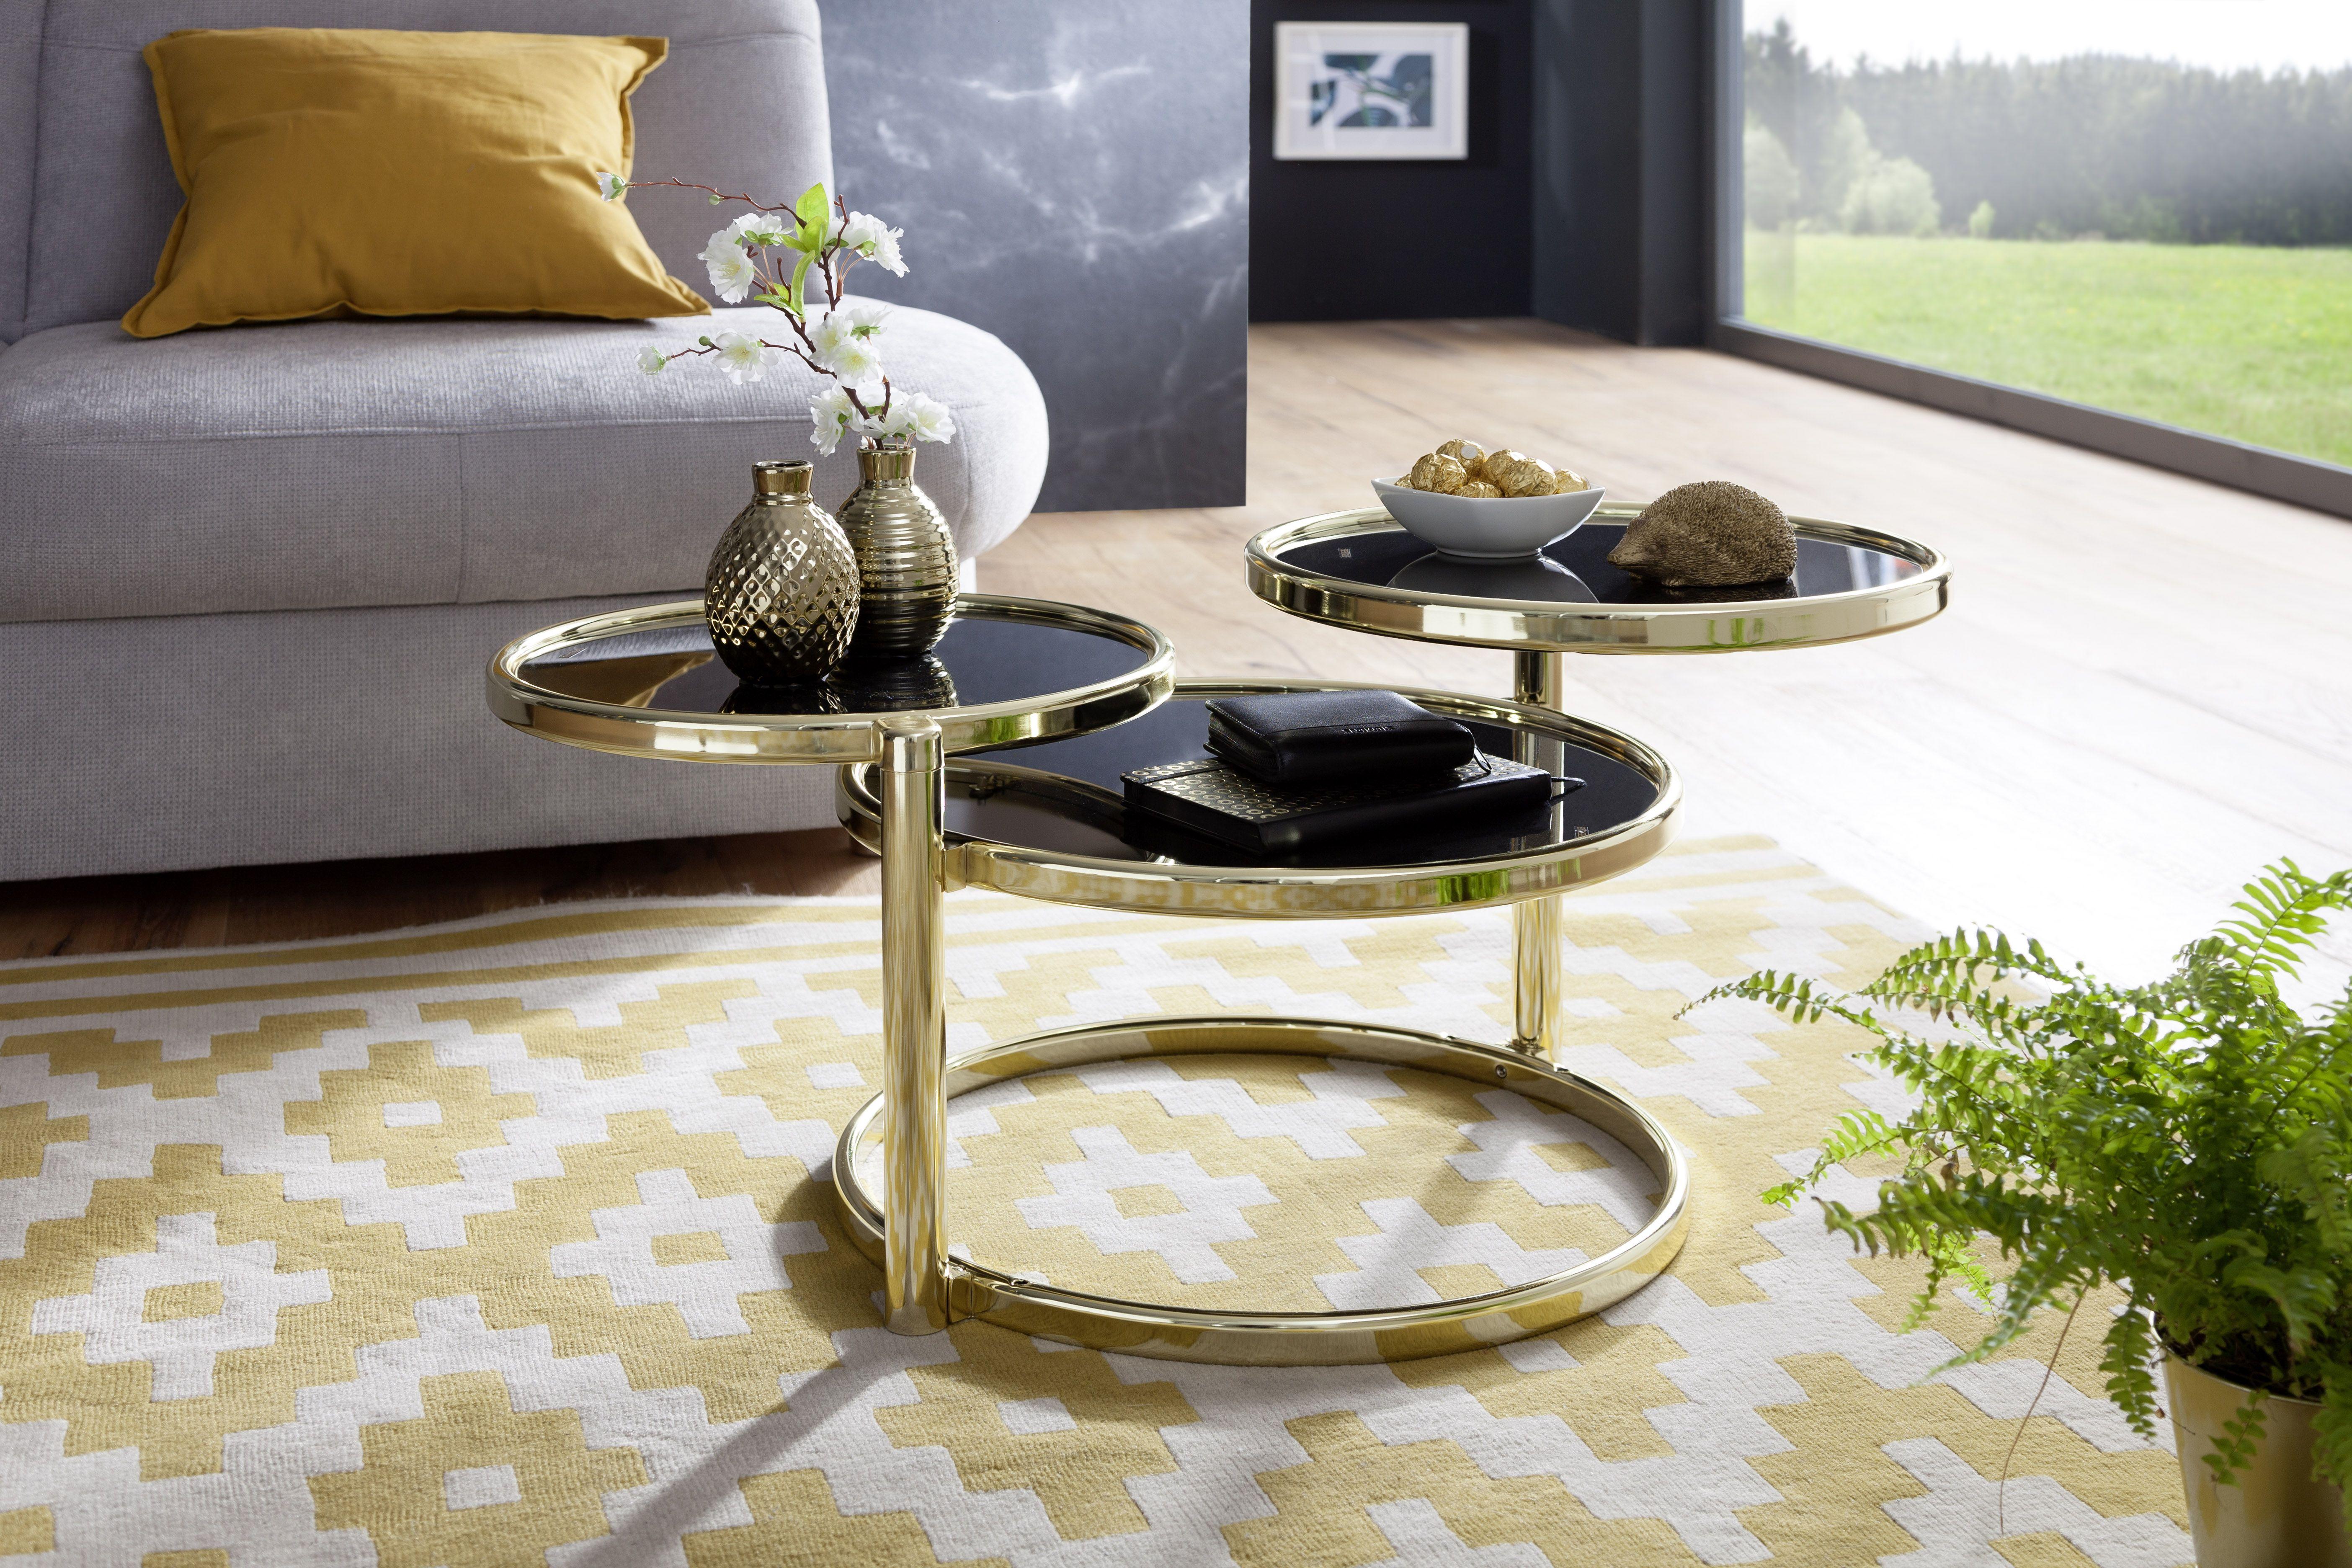 Wohnling Beistelltisch Susi Wl5 767 Aus Schwarzem Glas Mit Gold Gestell Wohnzimmer Glas Modern Design Dekoration Wohnzimmertische Wohnzimmertisch Tisch